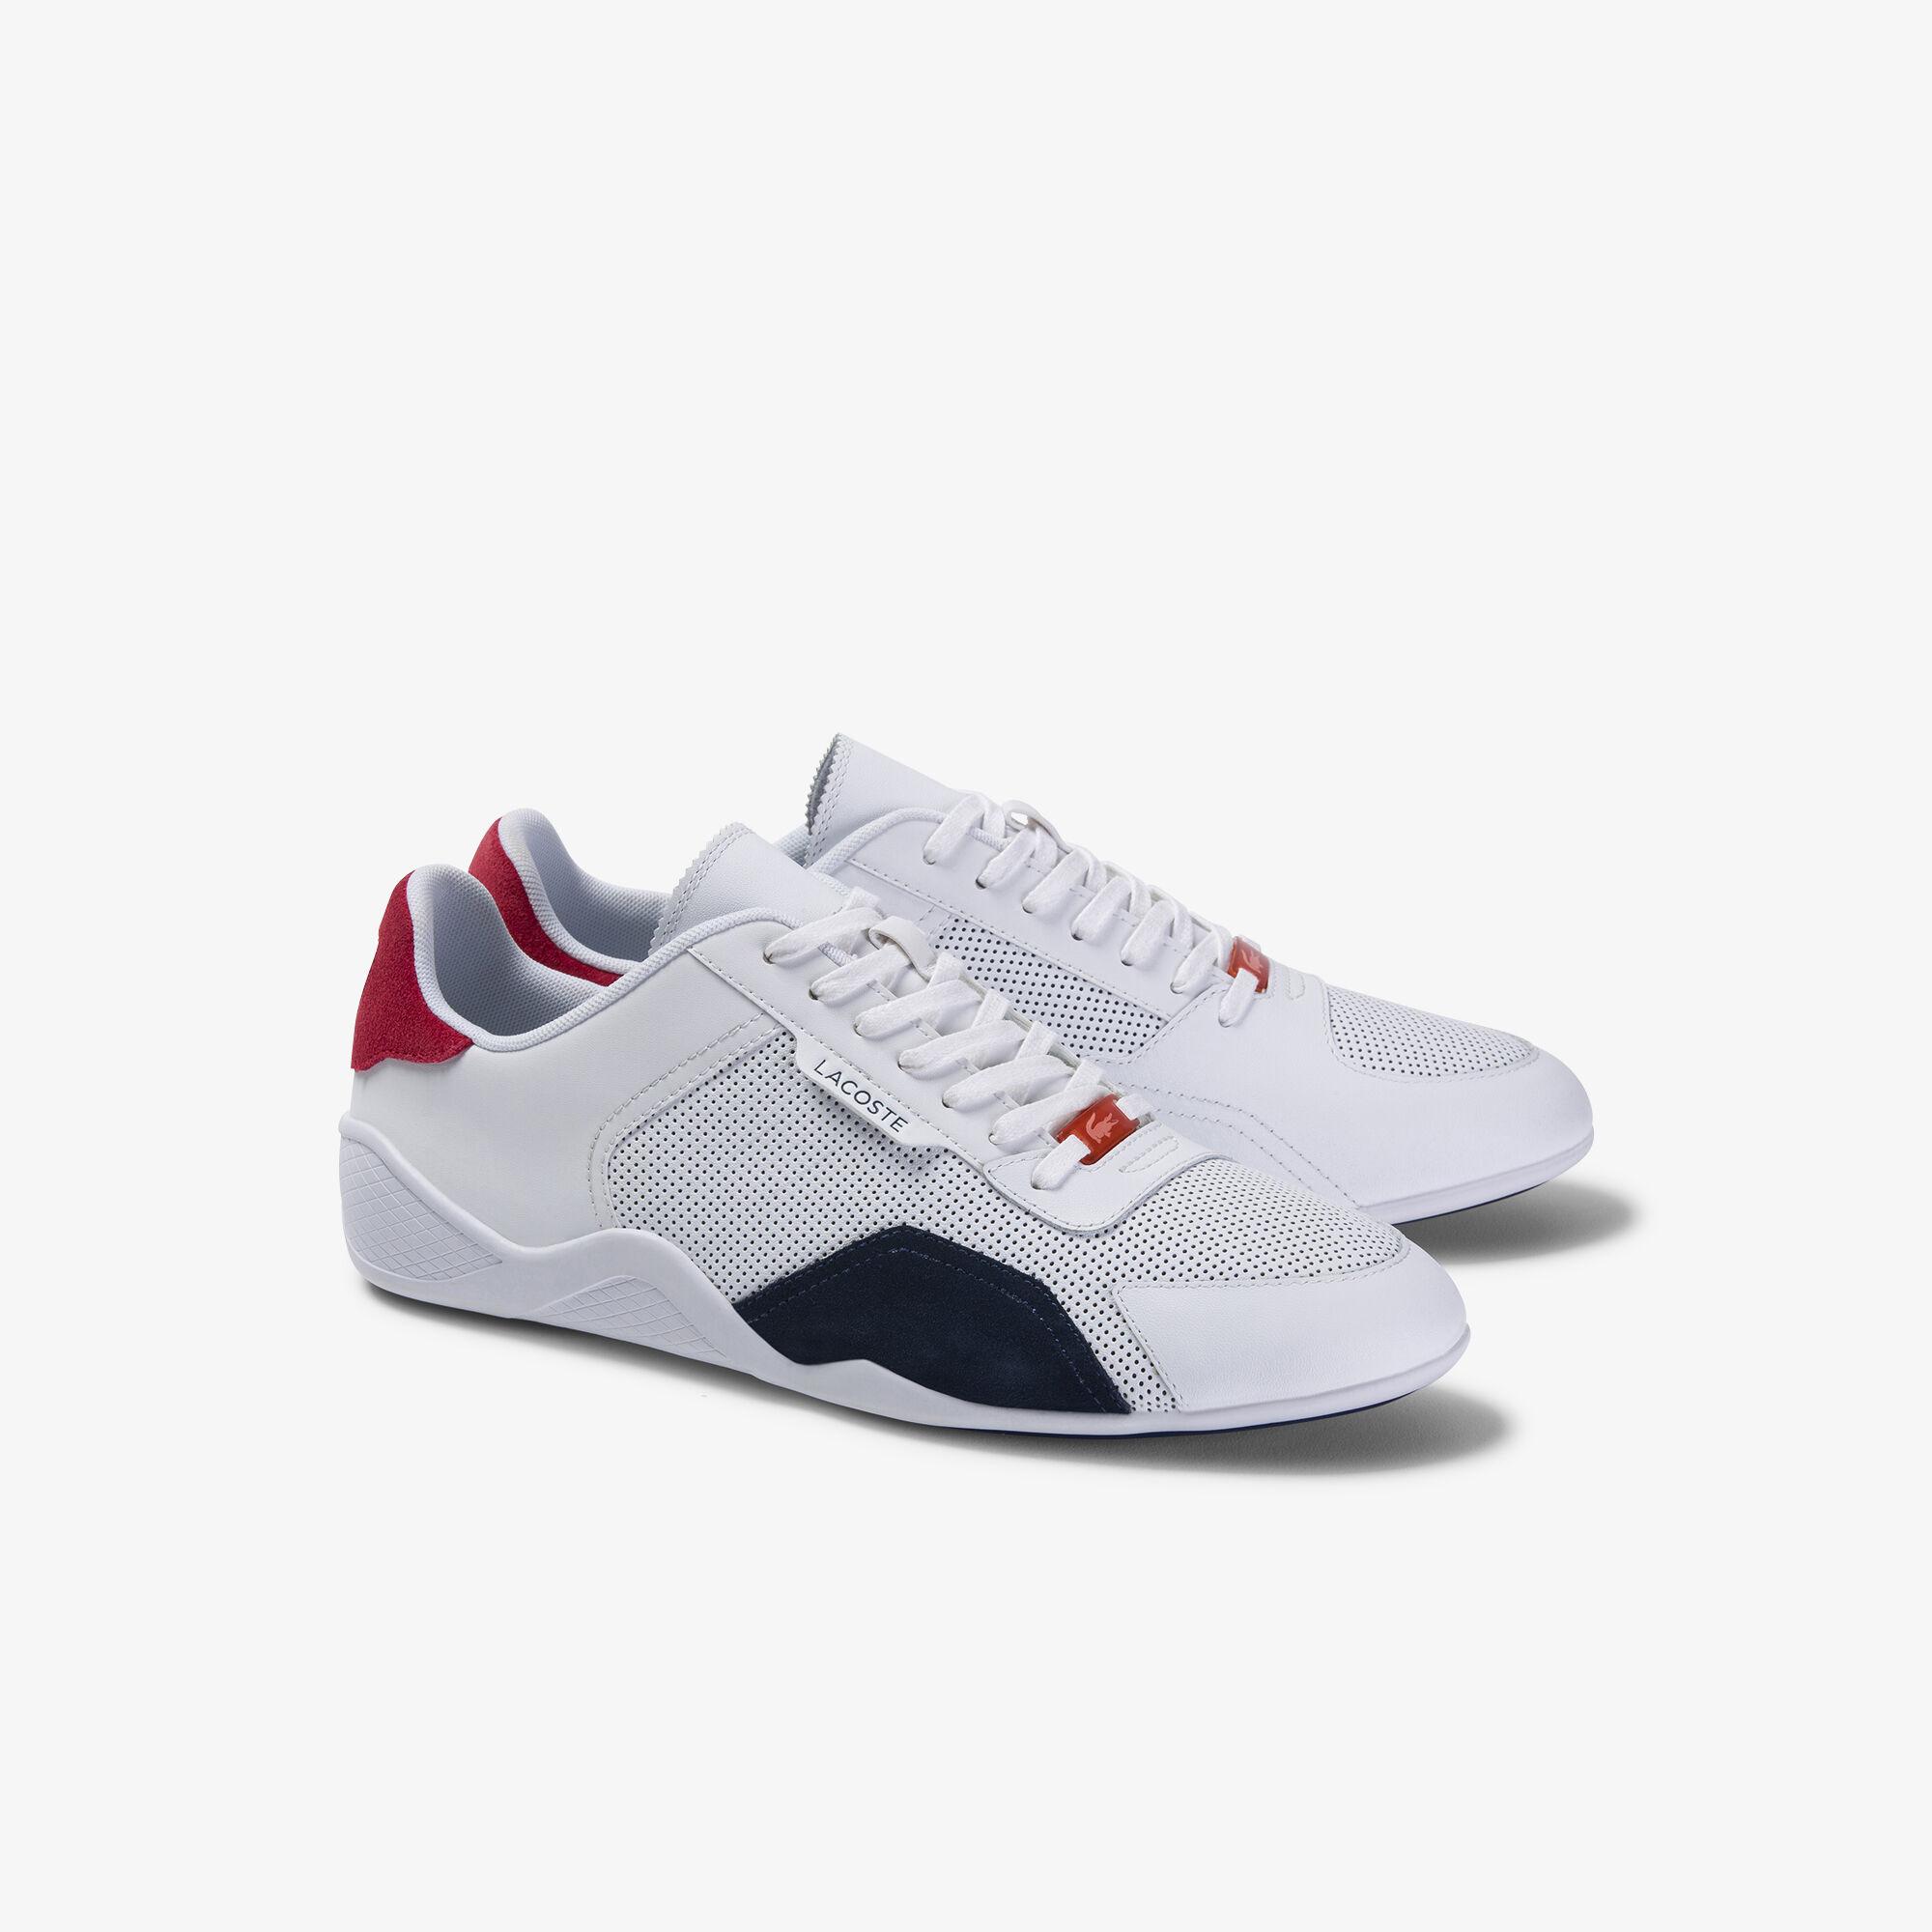 حذاء رياضي للرجال مصنوع من الجلد والمواد الصناعية من مجموعة Hapona